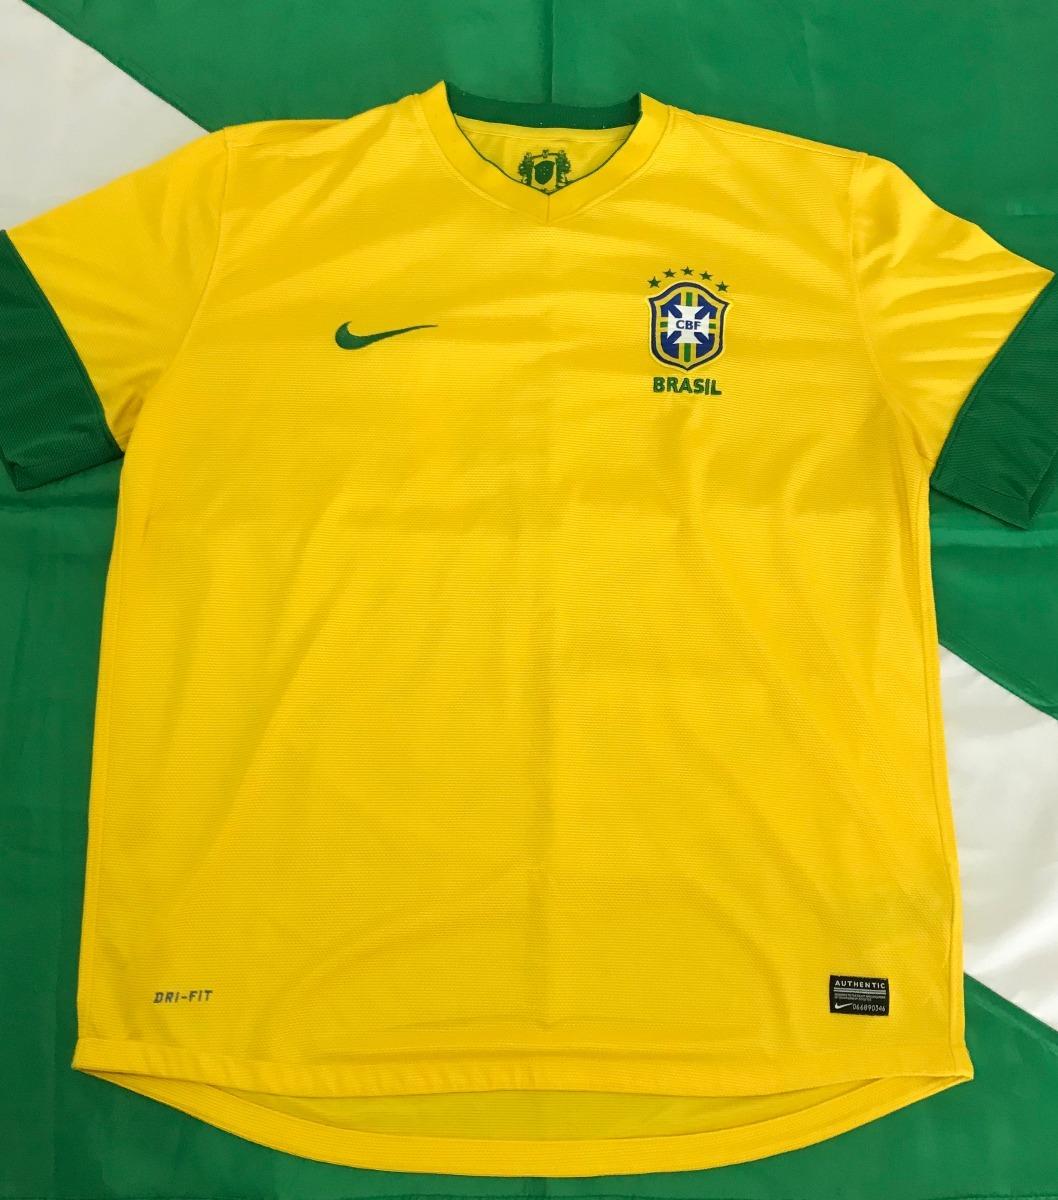 0a3515c9b2164 camisa nike seleção olímpica brasil futebol cbf 2012 gg. Carregando zoom.